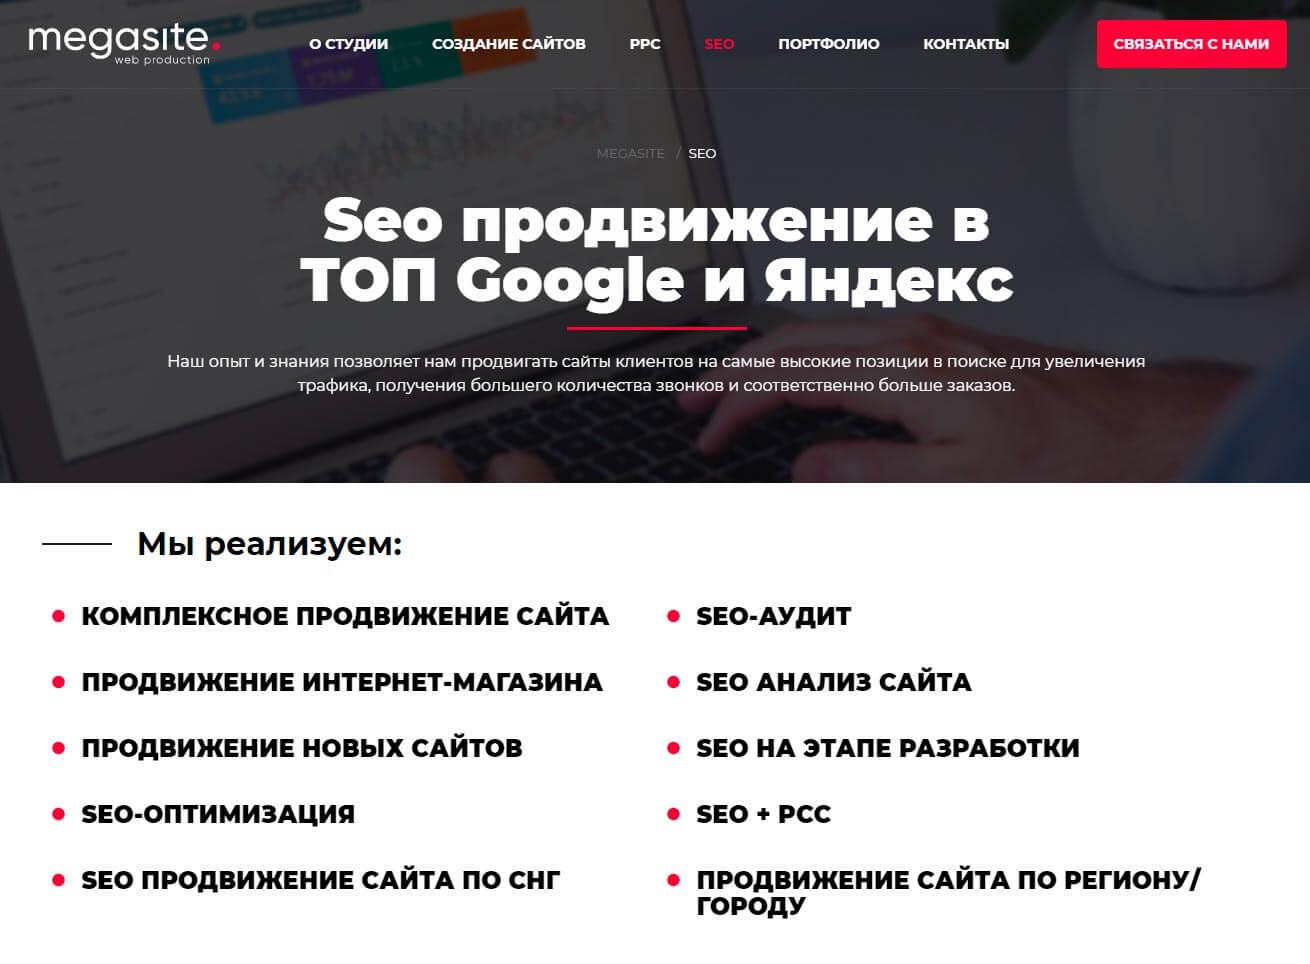 MEGASITE - обзор компании, услуги, отзывы, клиенты, Фото № 2 - google-seo.pro